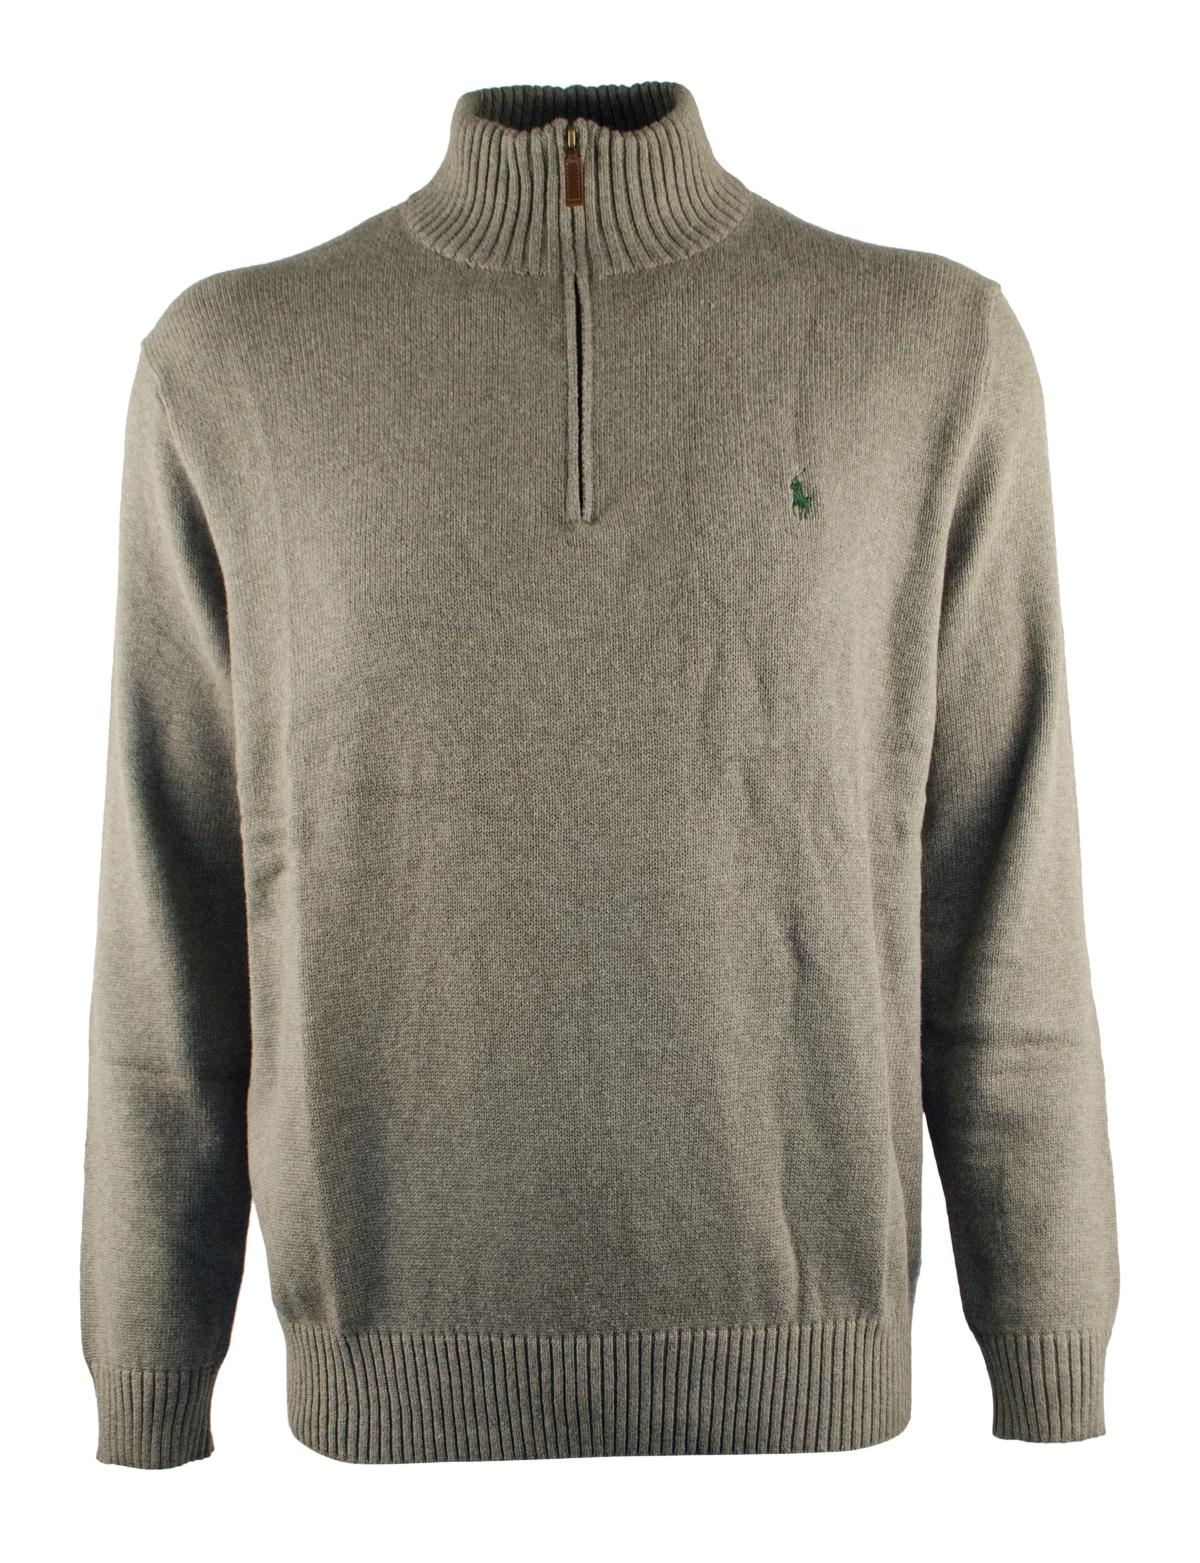 6xb 6xl Big 6x Polo Ralph Lauren Men Half Zip Sweater Grey Cotton ...